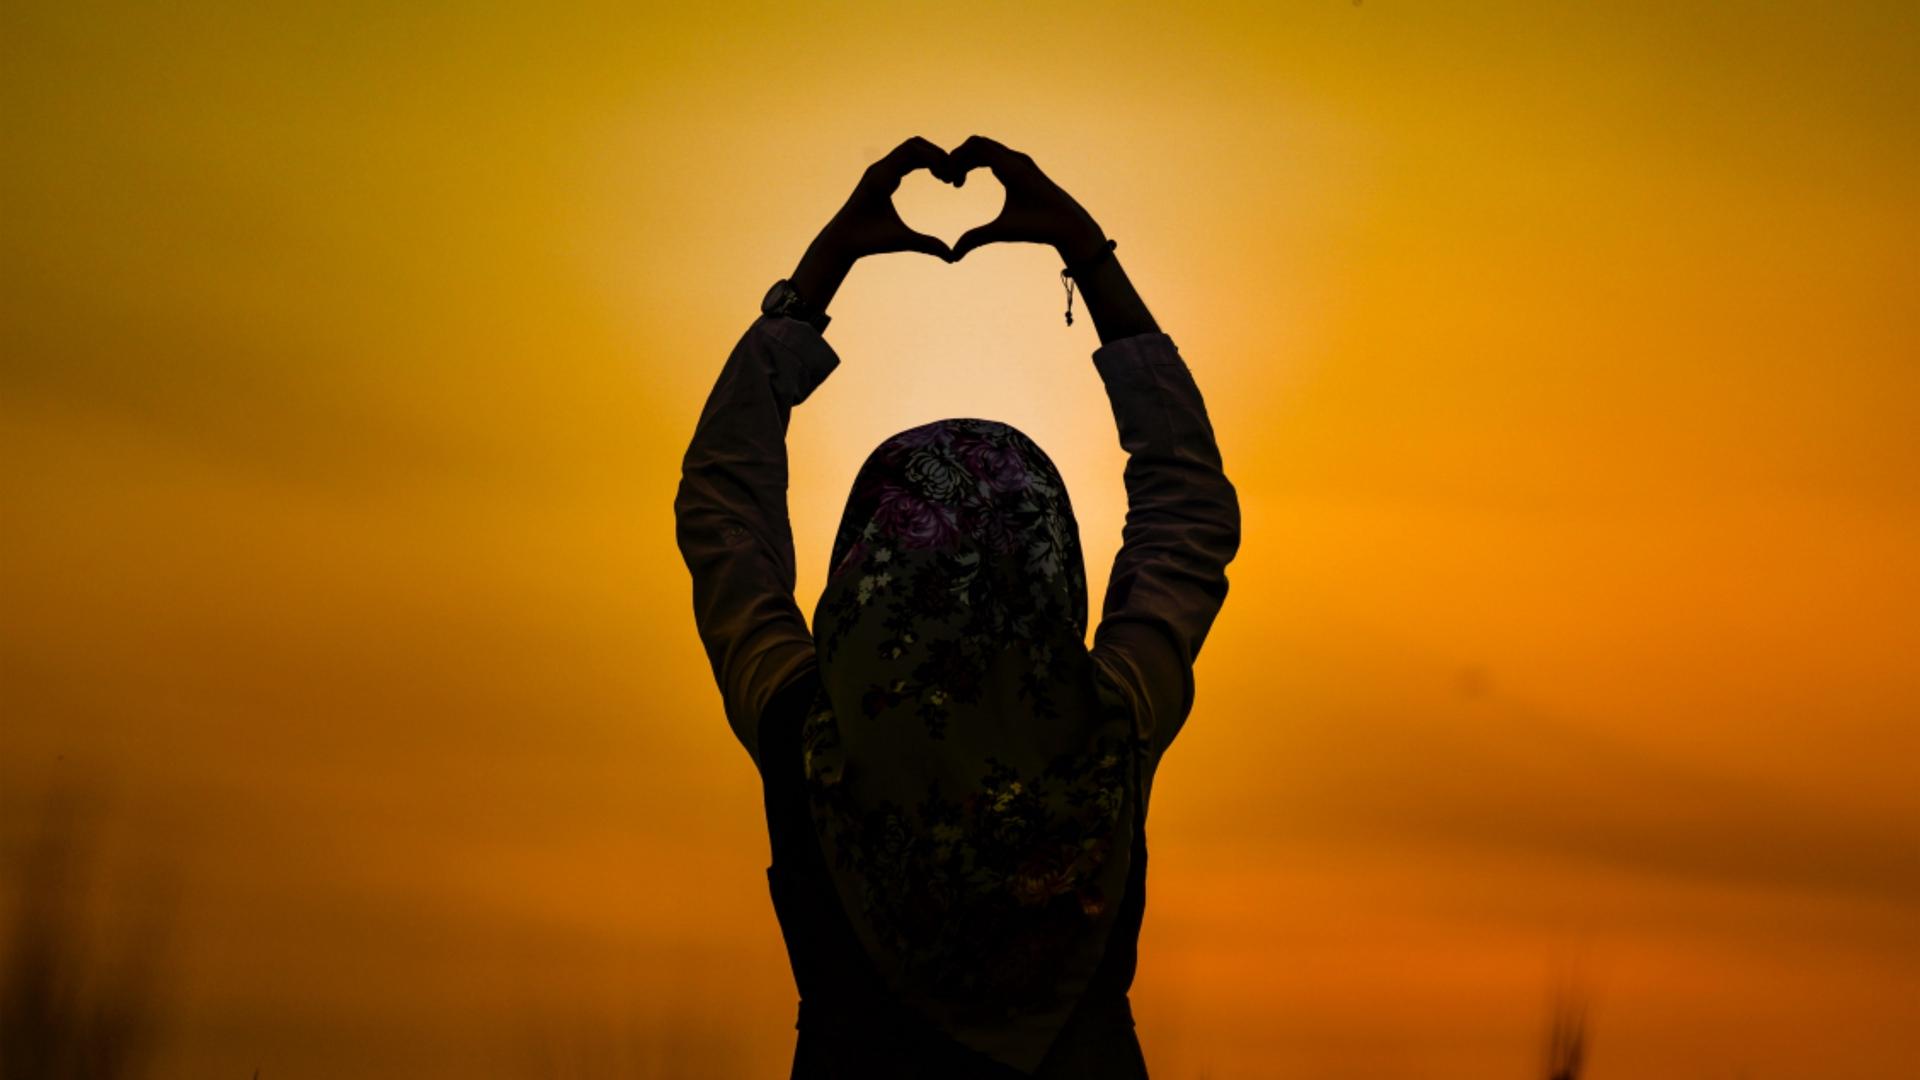 Красивые картинки на рабочий стол про Любовь и Чувства - подборка №2 16